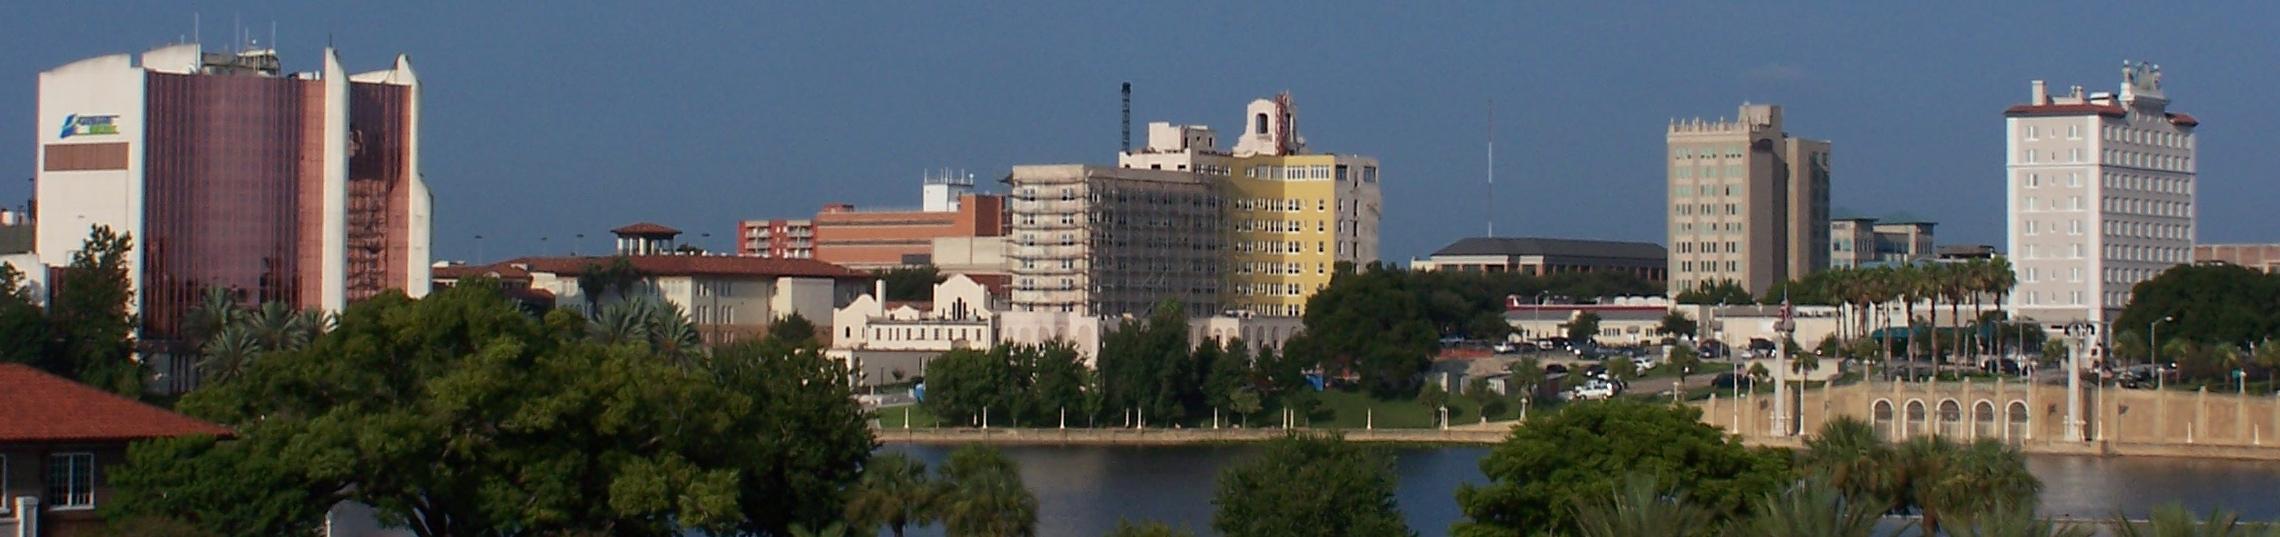 Auto Shipping to Lakeland, Florida